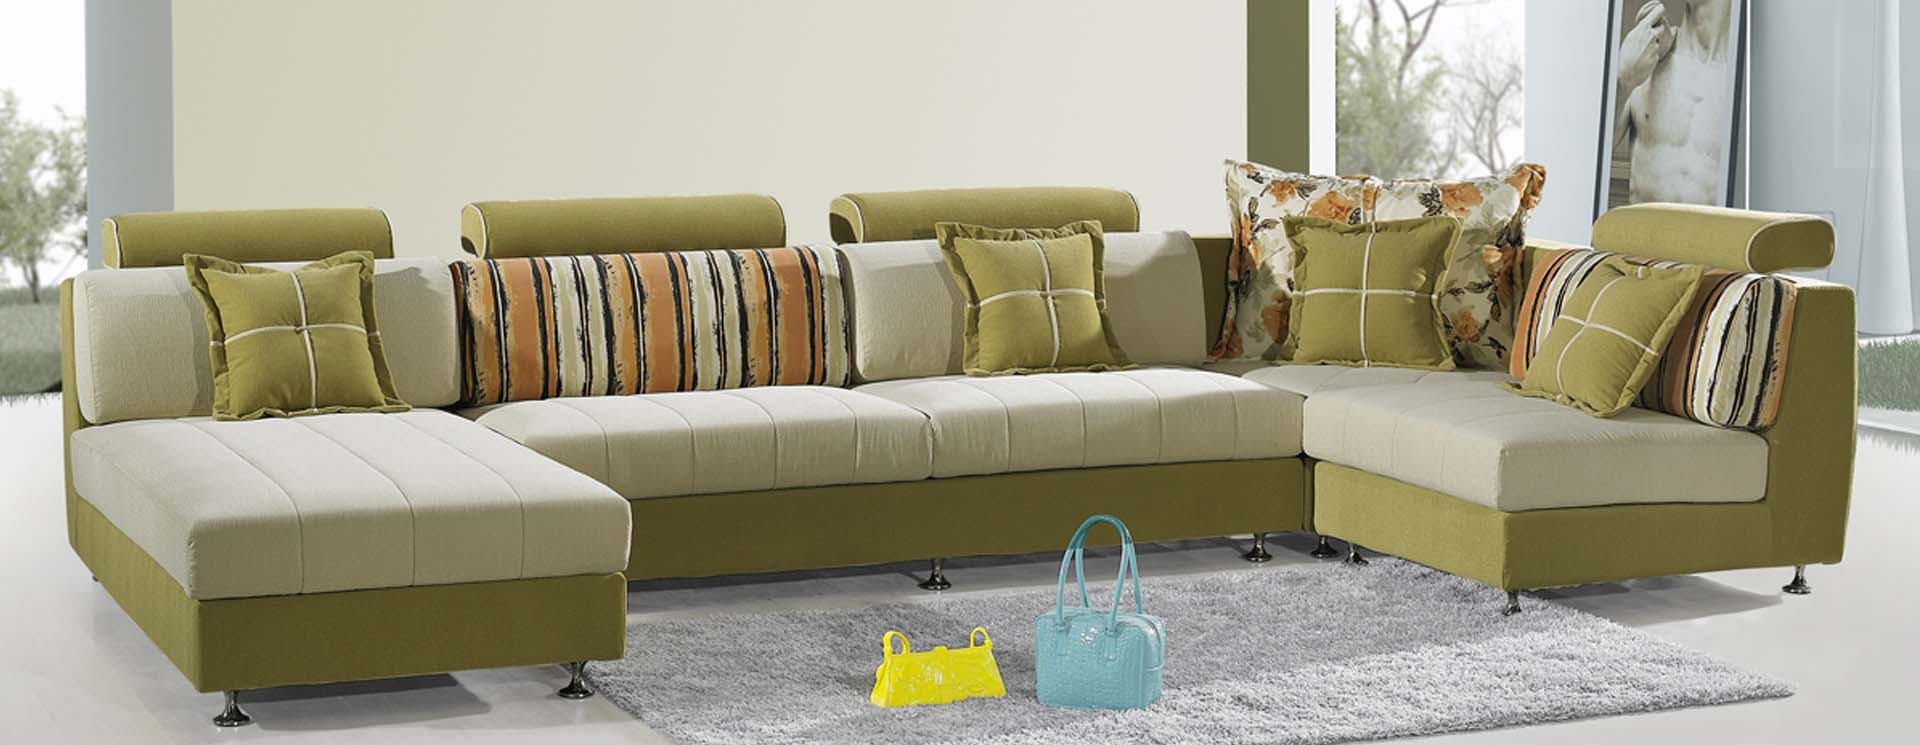 名称:沙发E-661A#<br/> 市场价:<font style='color:#999;text-decoration:line-through;'>¥0</font><br />全国统一零售价:<font color='Red'>¥0.0</font>